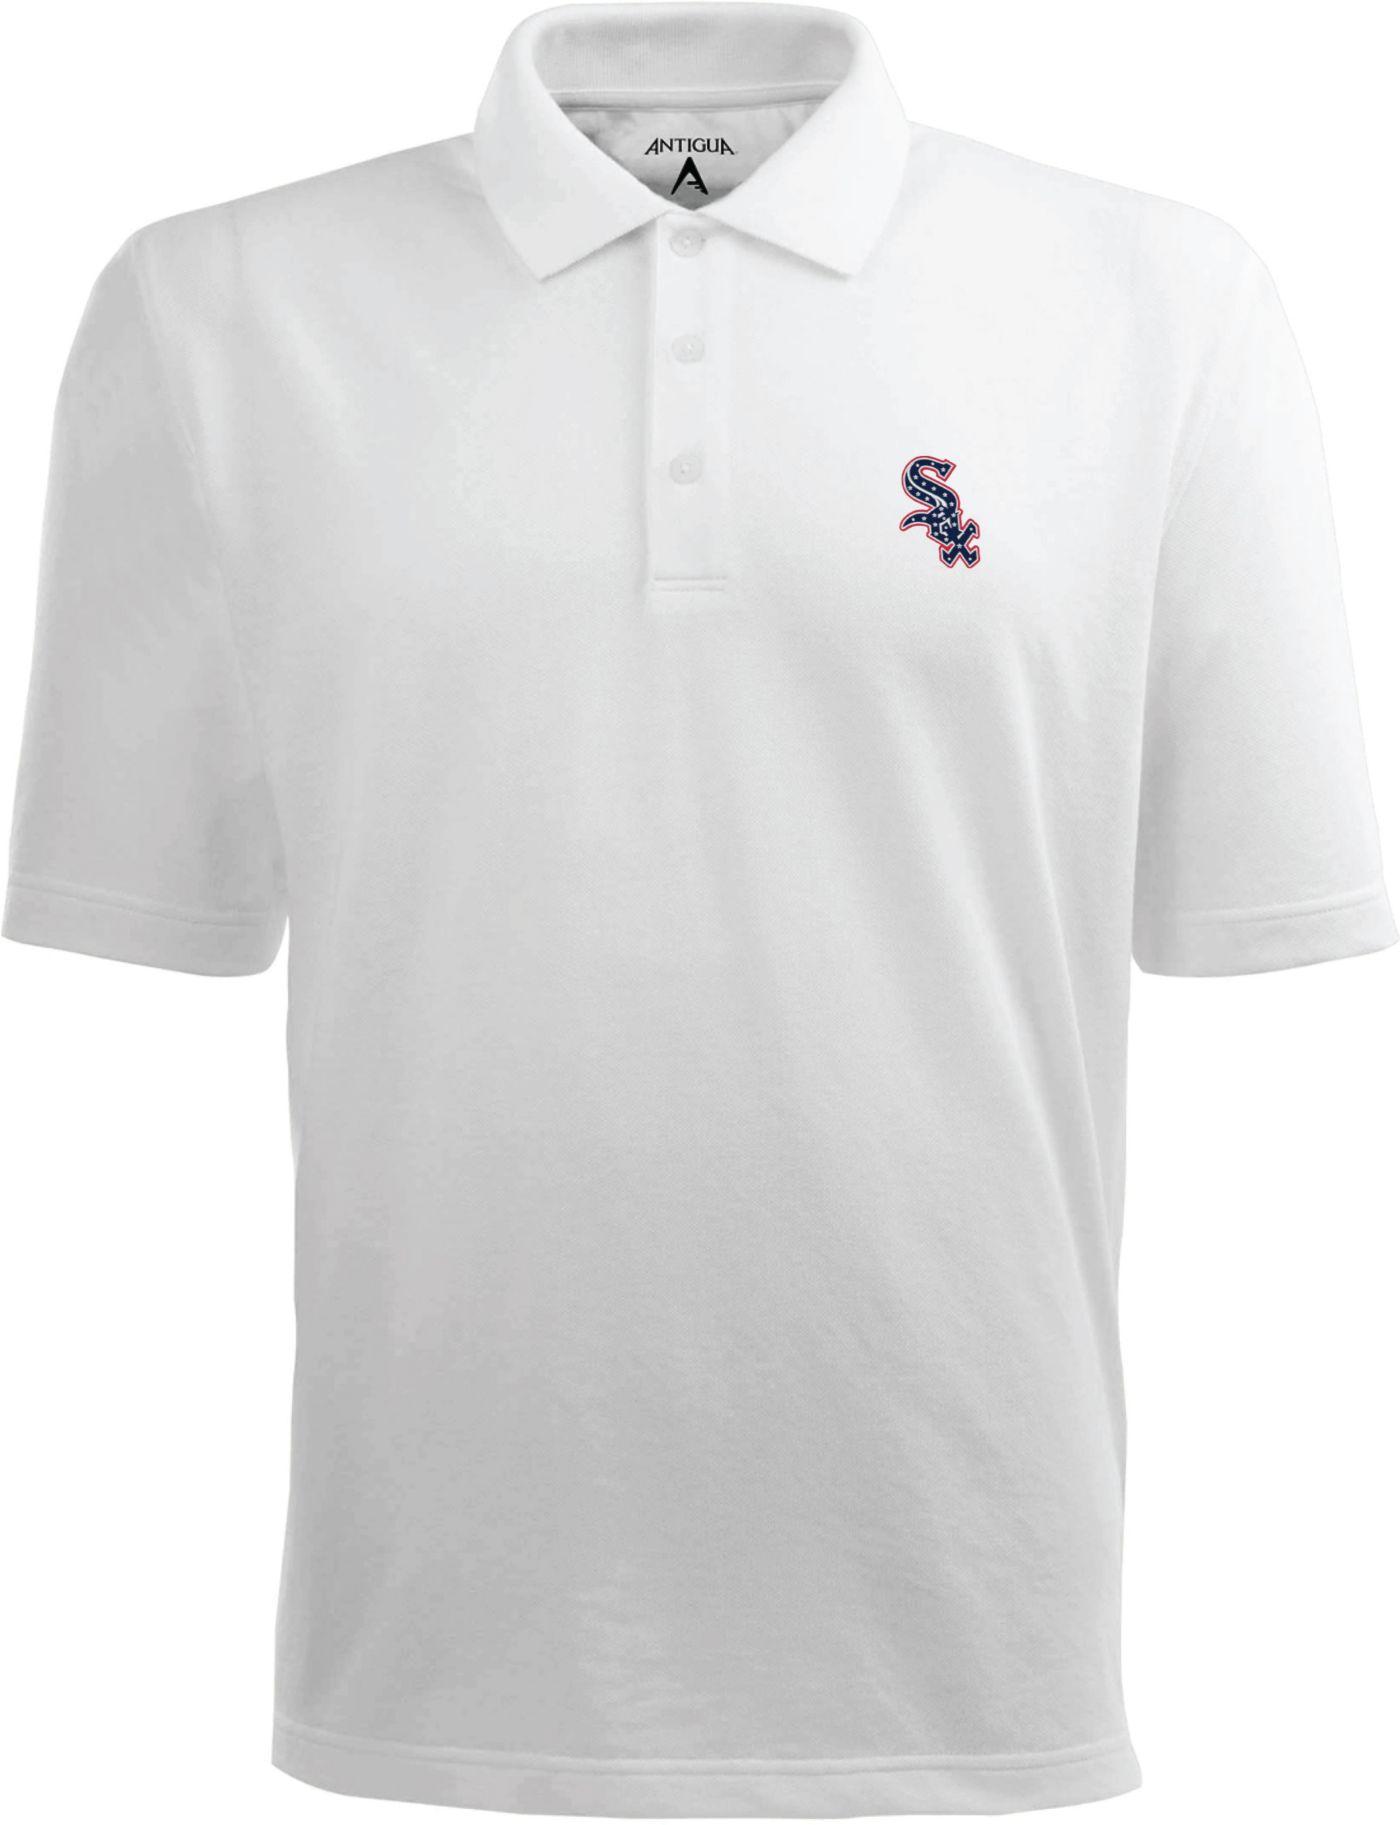 Antigua Men's Chicago White Sox Xtra-Lite Patriotic Logo White Pique Performance Polo